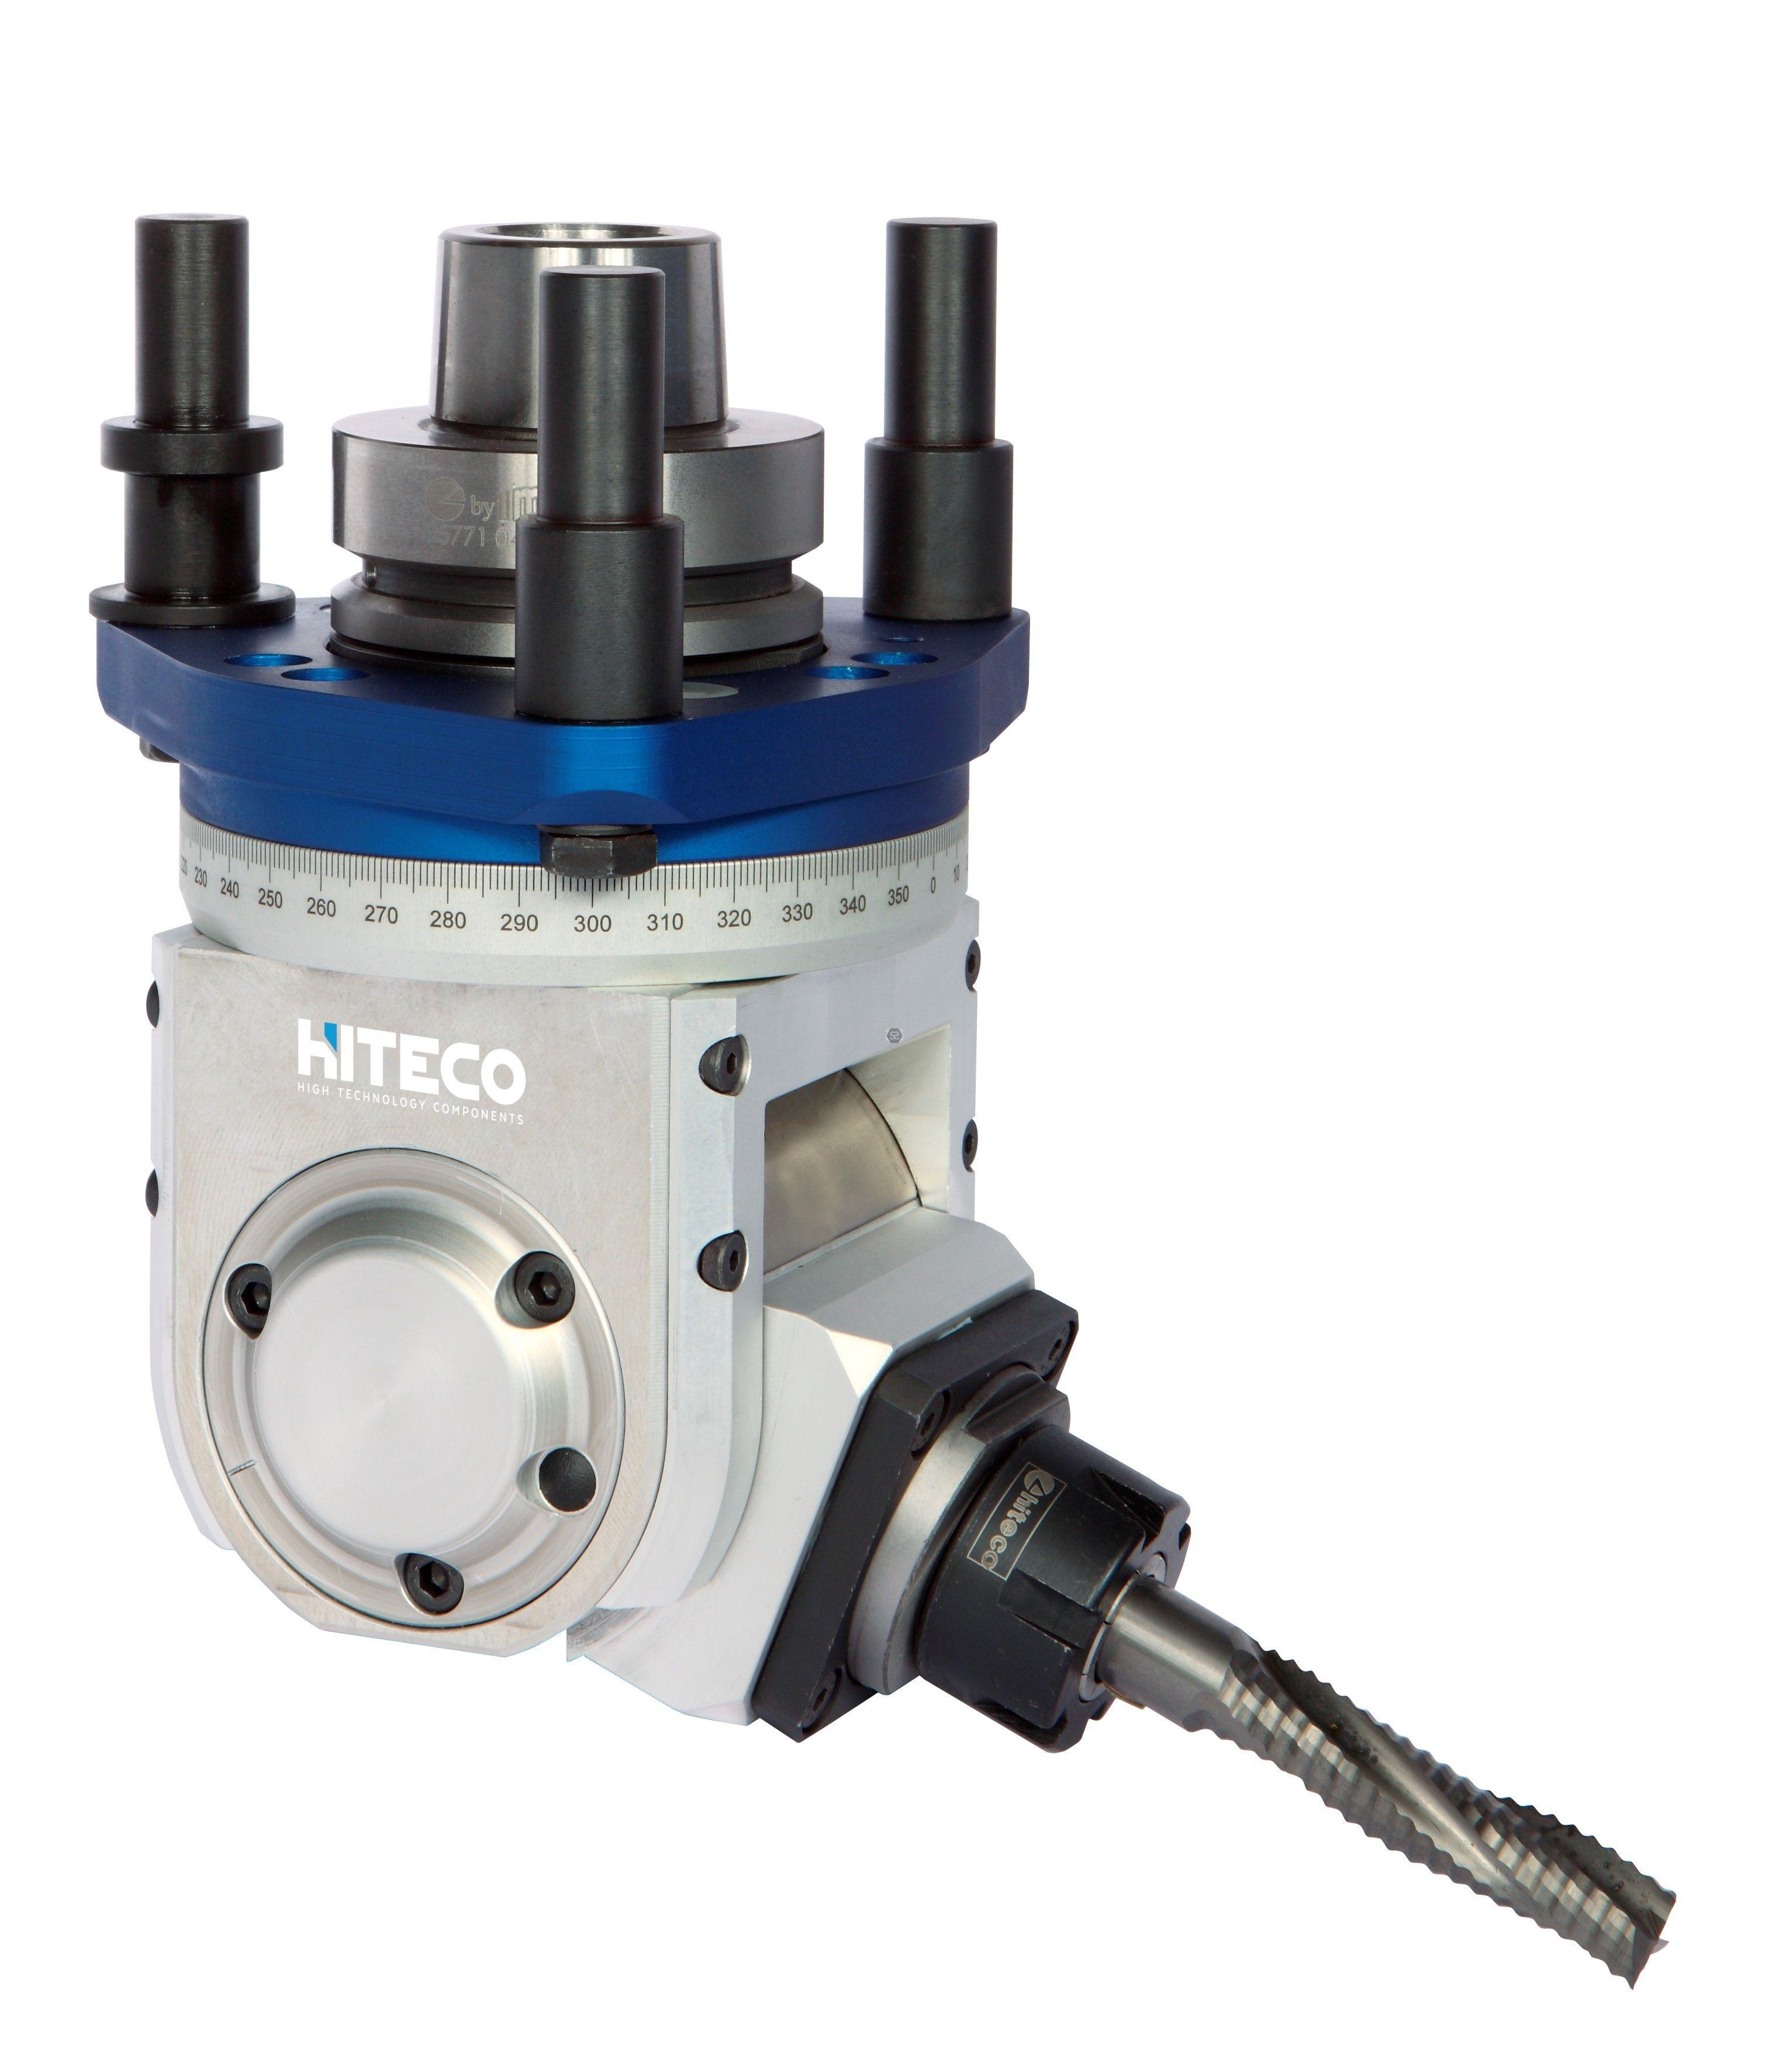 Hiteco TILT CNC Router Aggregate Diy cnc, Cnc router